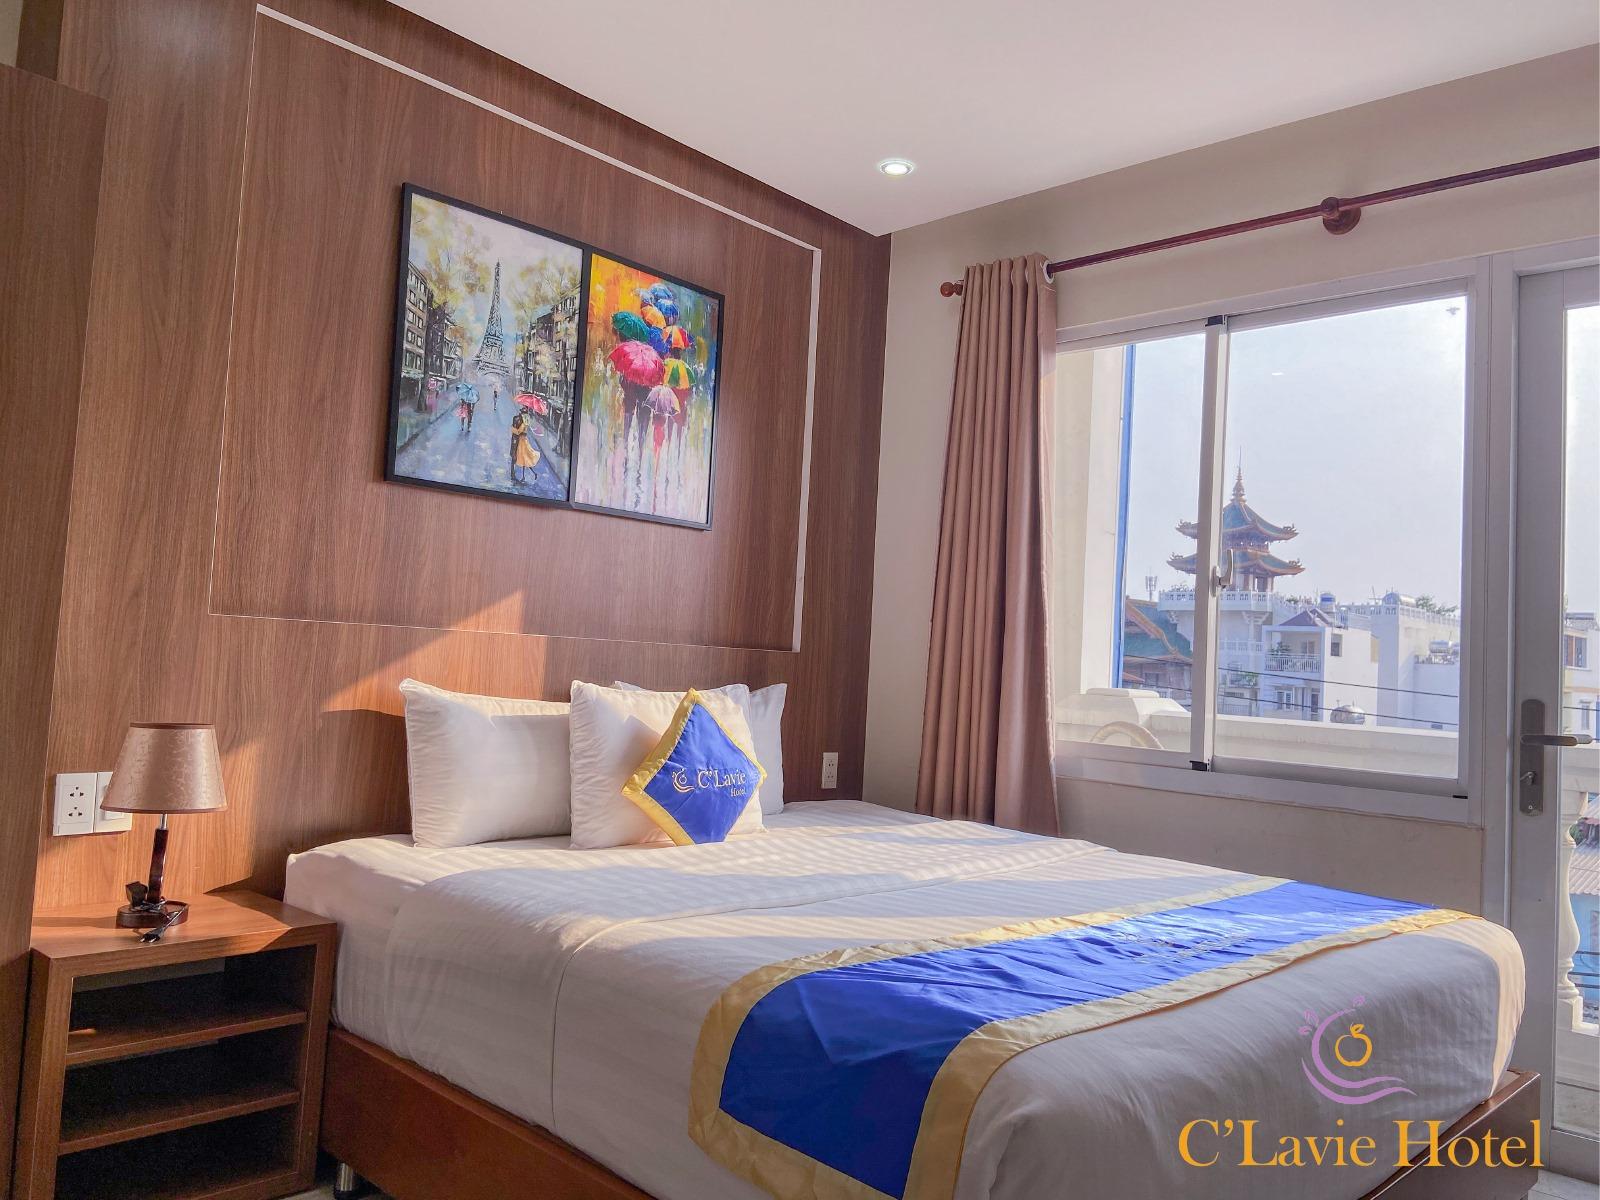 C'Lavie Hotel